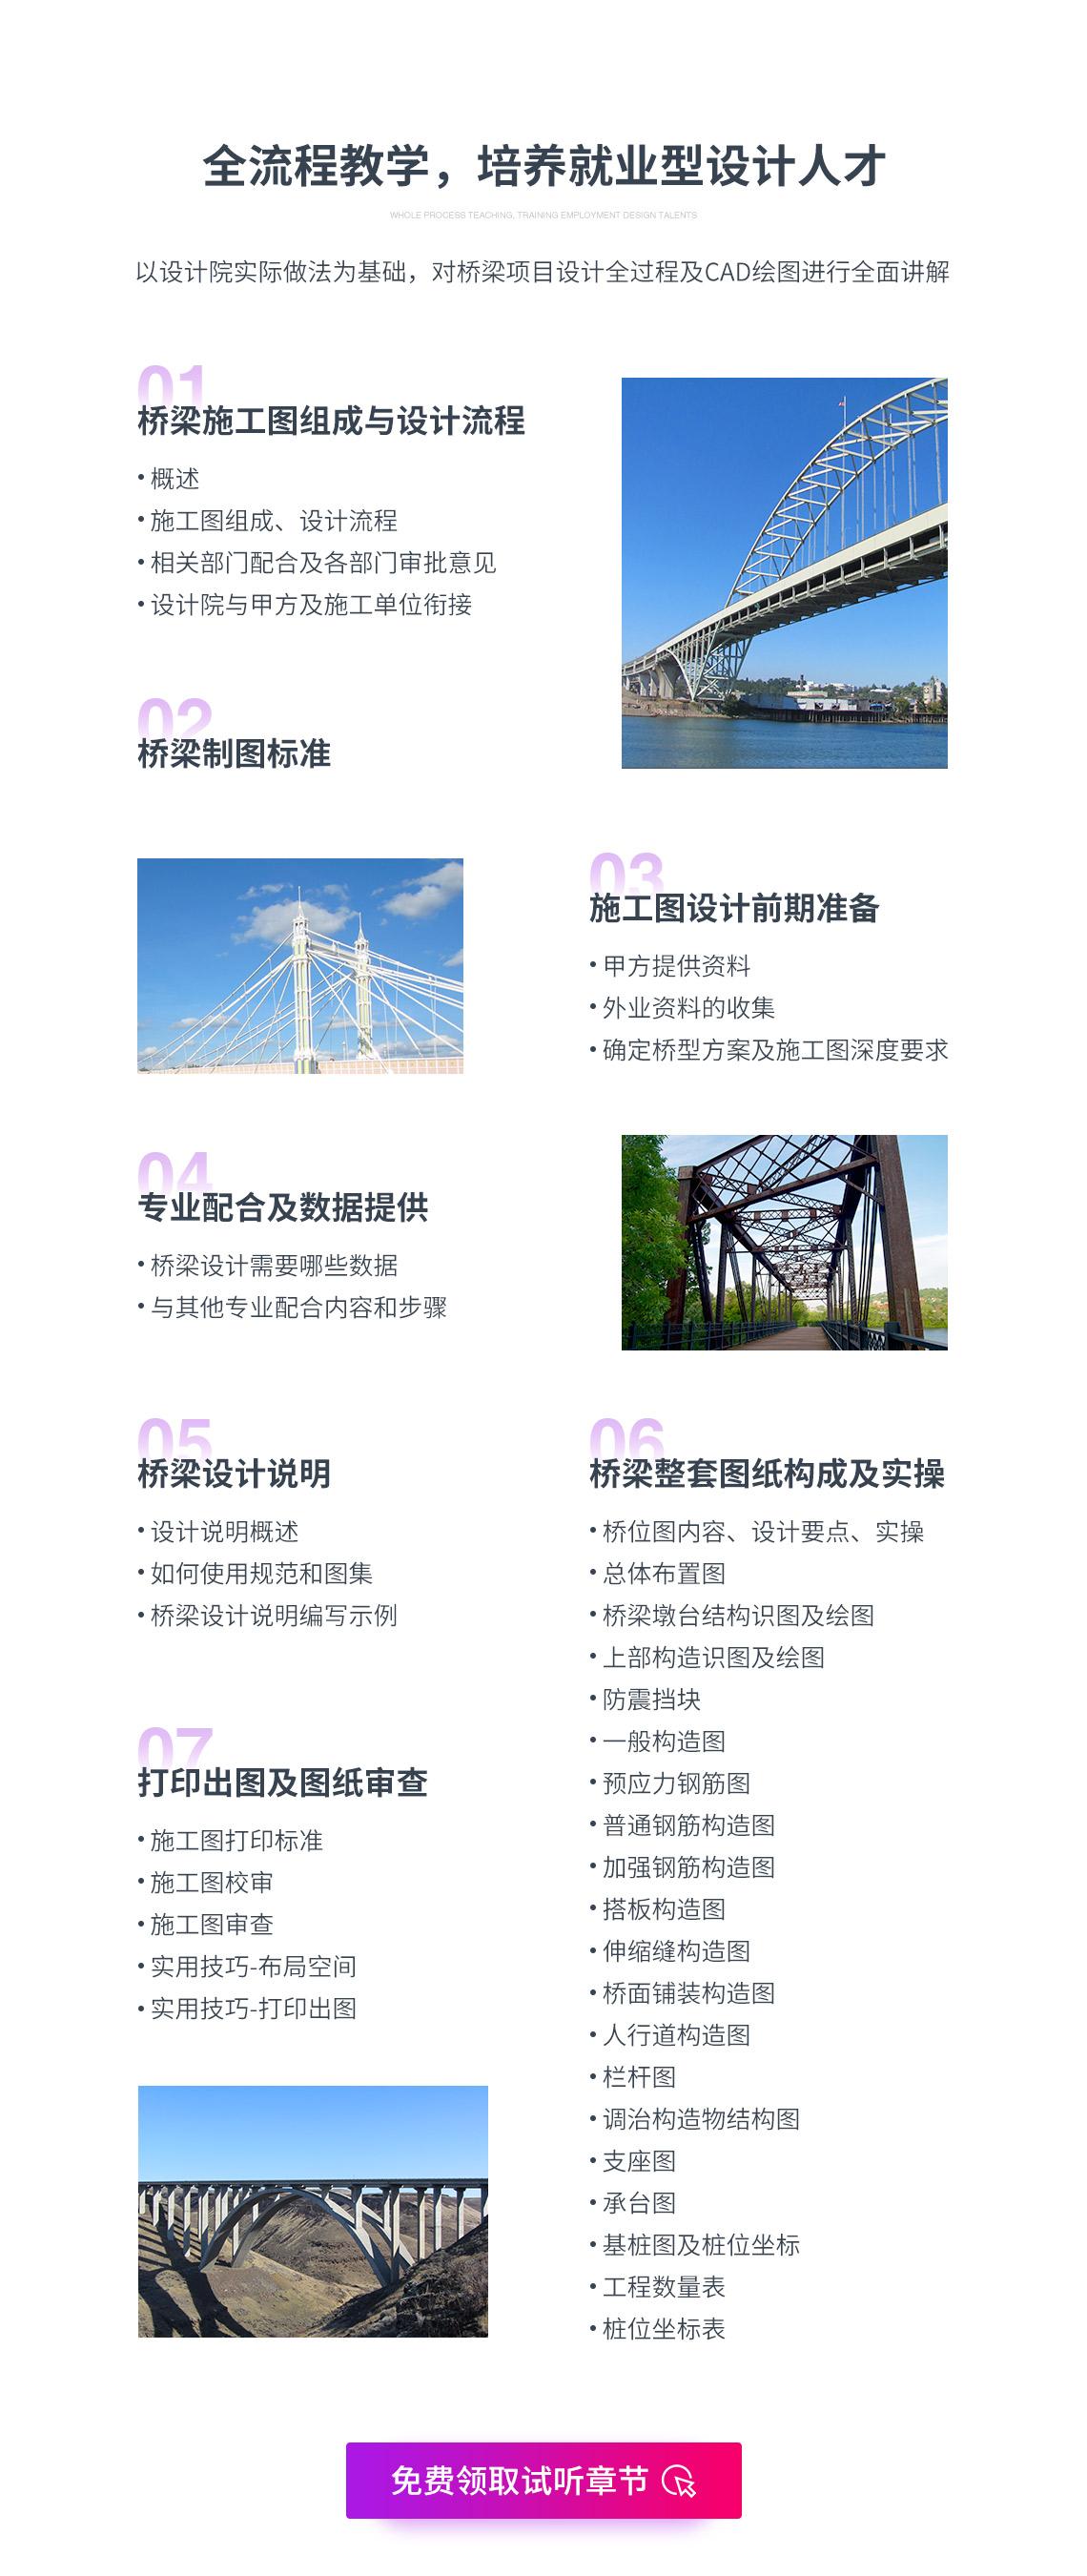 作为桥梁绘图员,需要学会桥梁施工图设计全流程,比如桥梁标准图集要会看,桥梁设计说明要会编写,桥梁CAD制图入门快捷键技巧要懂,桥梁下部结构绘图时需要使用桥梁通软件出图,每一步操作都要熟练;桥梁各部位名称及节点详图都要熟知,上部结构使用桥梁大师出图,一般都是在套用交通部通用图集的基础上修改微调。